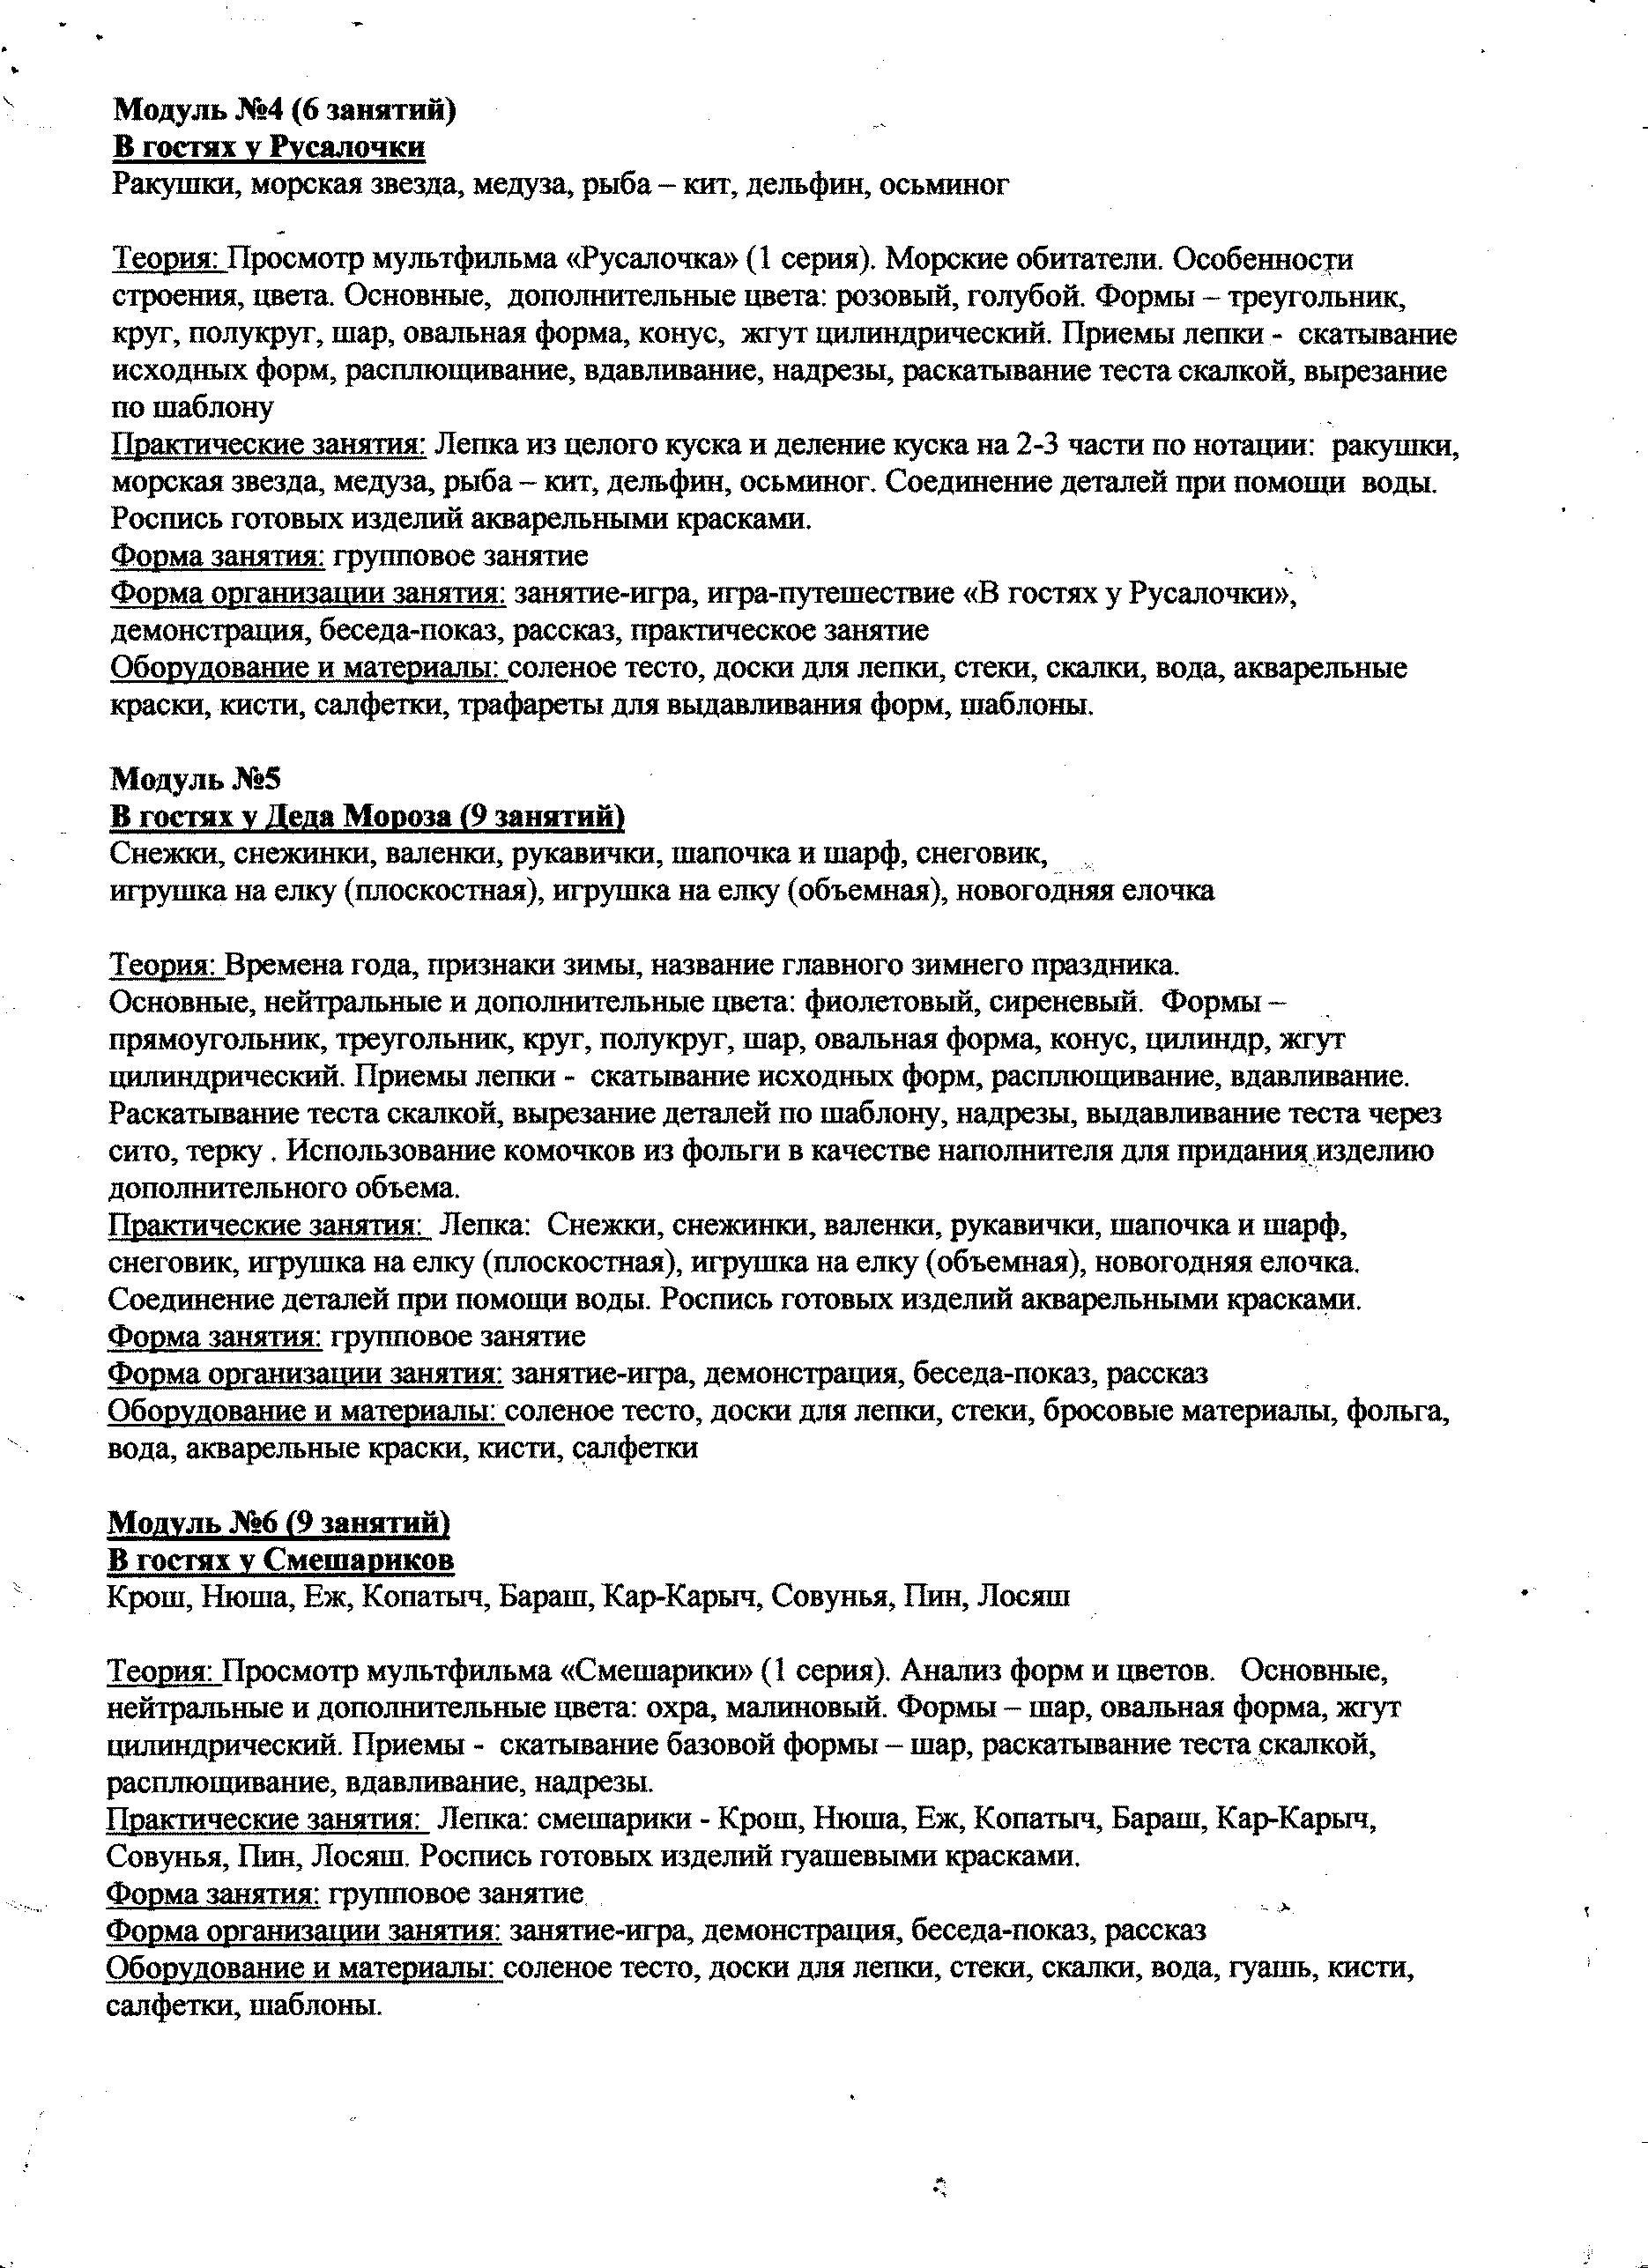 C:\Users\Виталий\Desktop\скан\003.tif